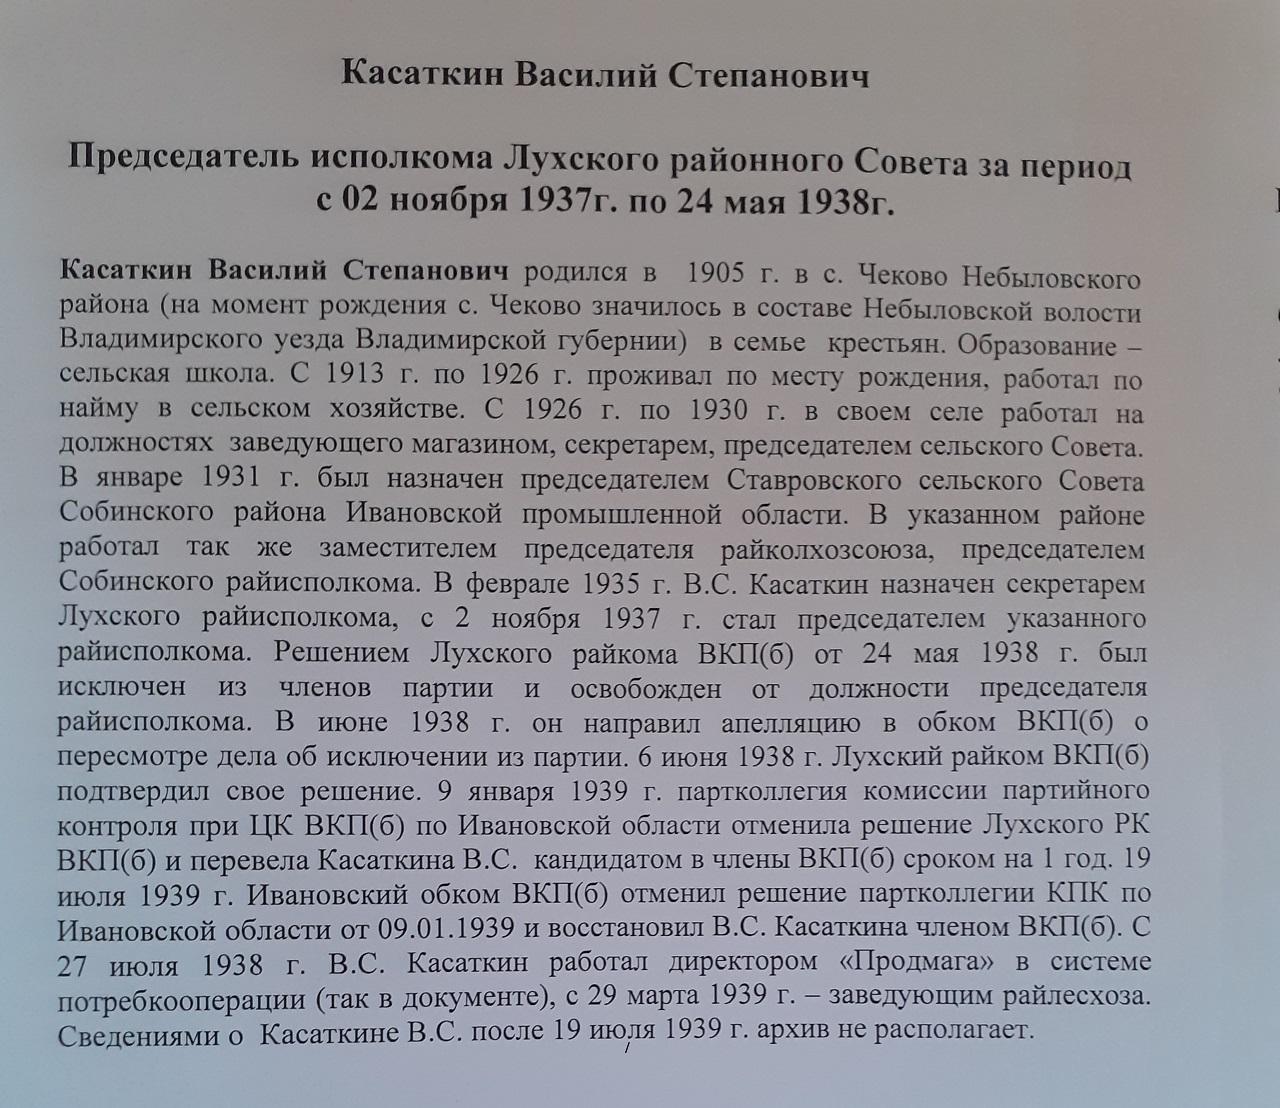 Касаткин Василий Степанович – с 2 ноября 1937 по 24 мая 1938